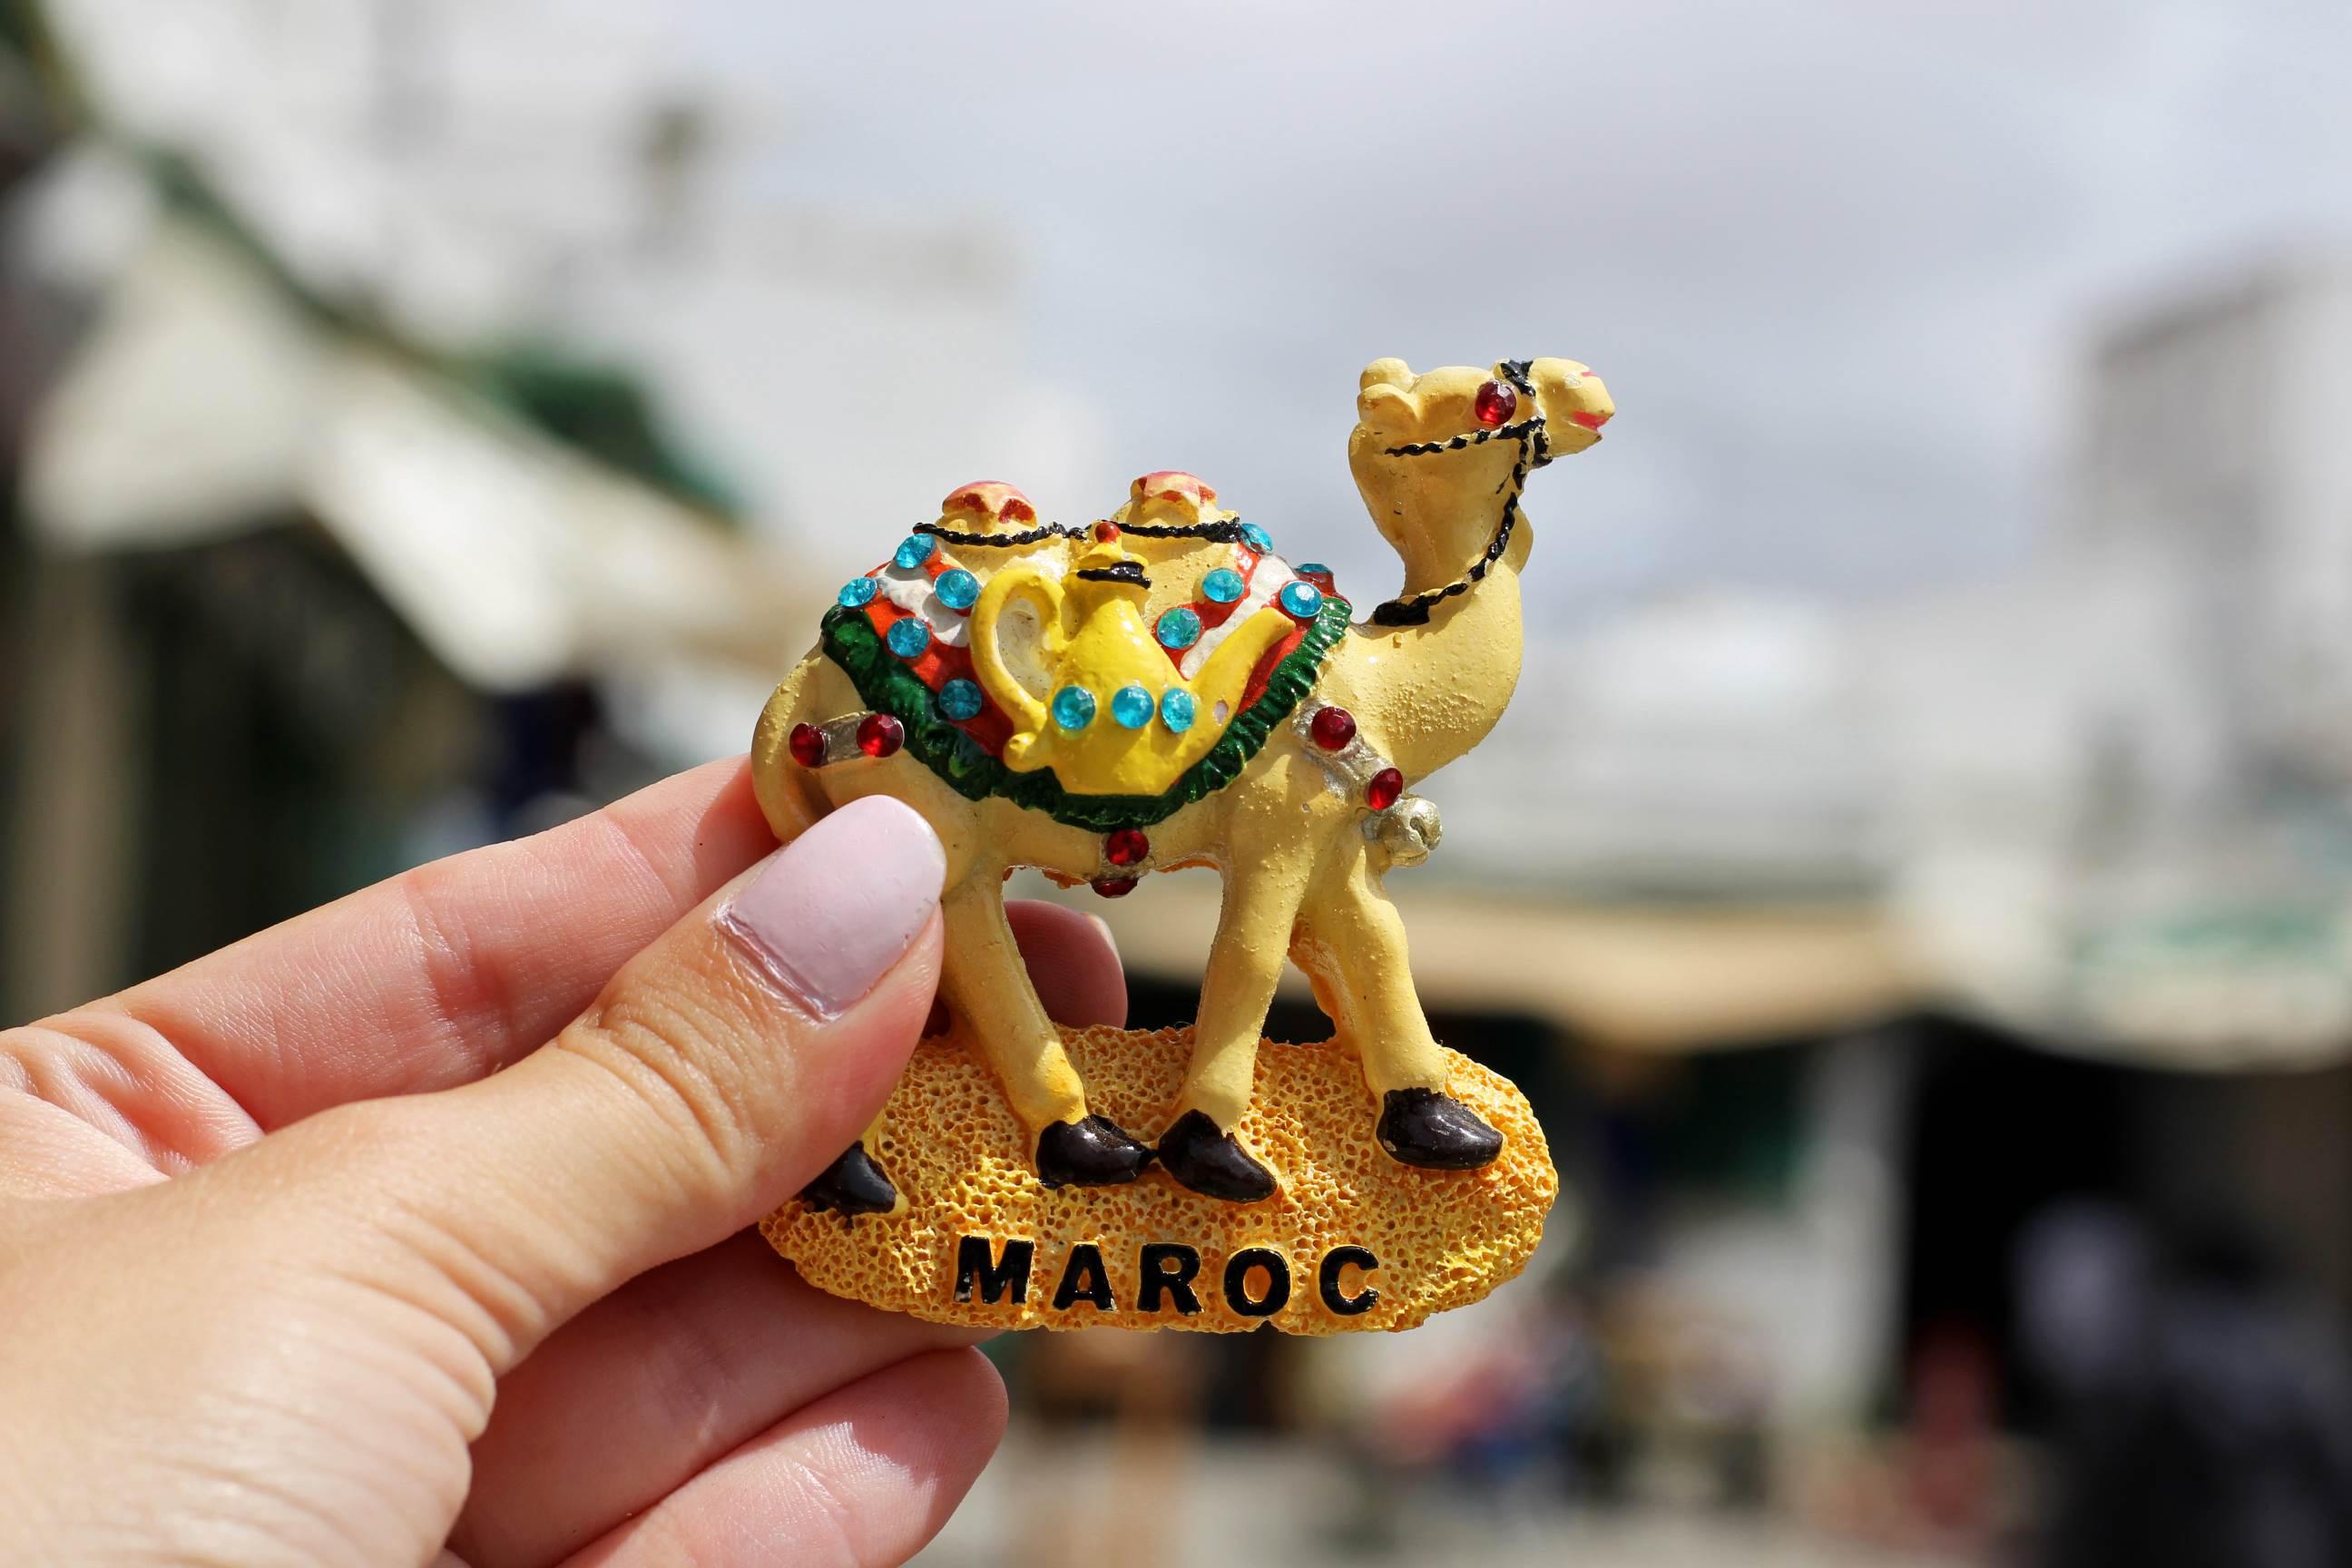 Снимка на сувенир в Мароко